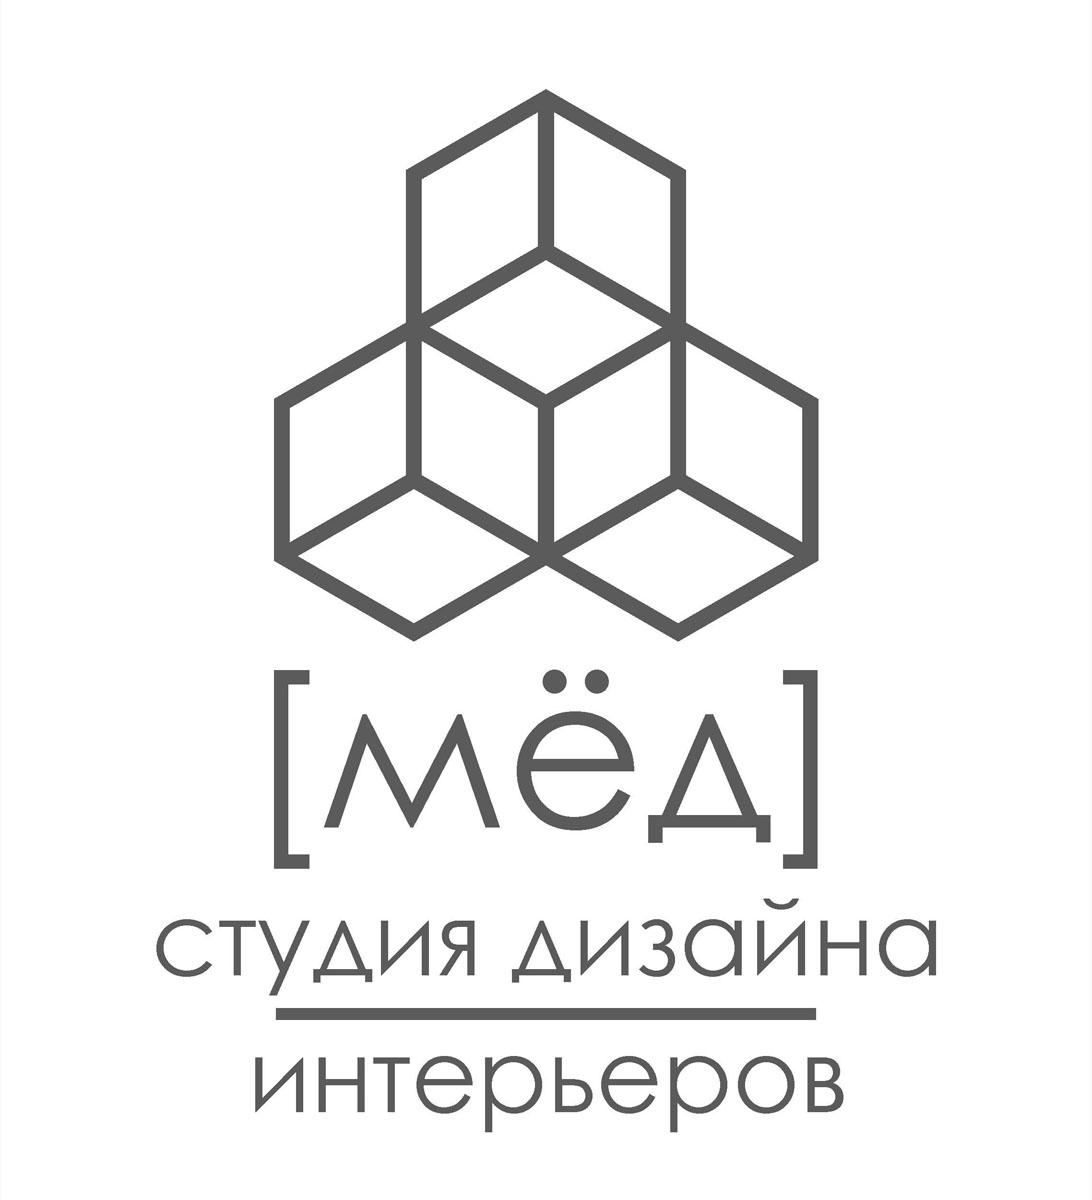 Дизайн-студия интерьеров [Мёд]